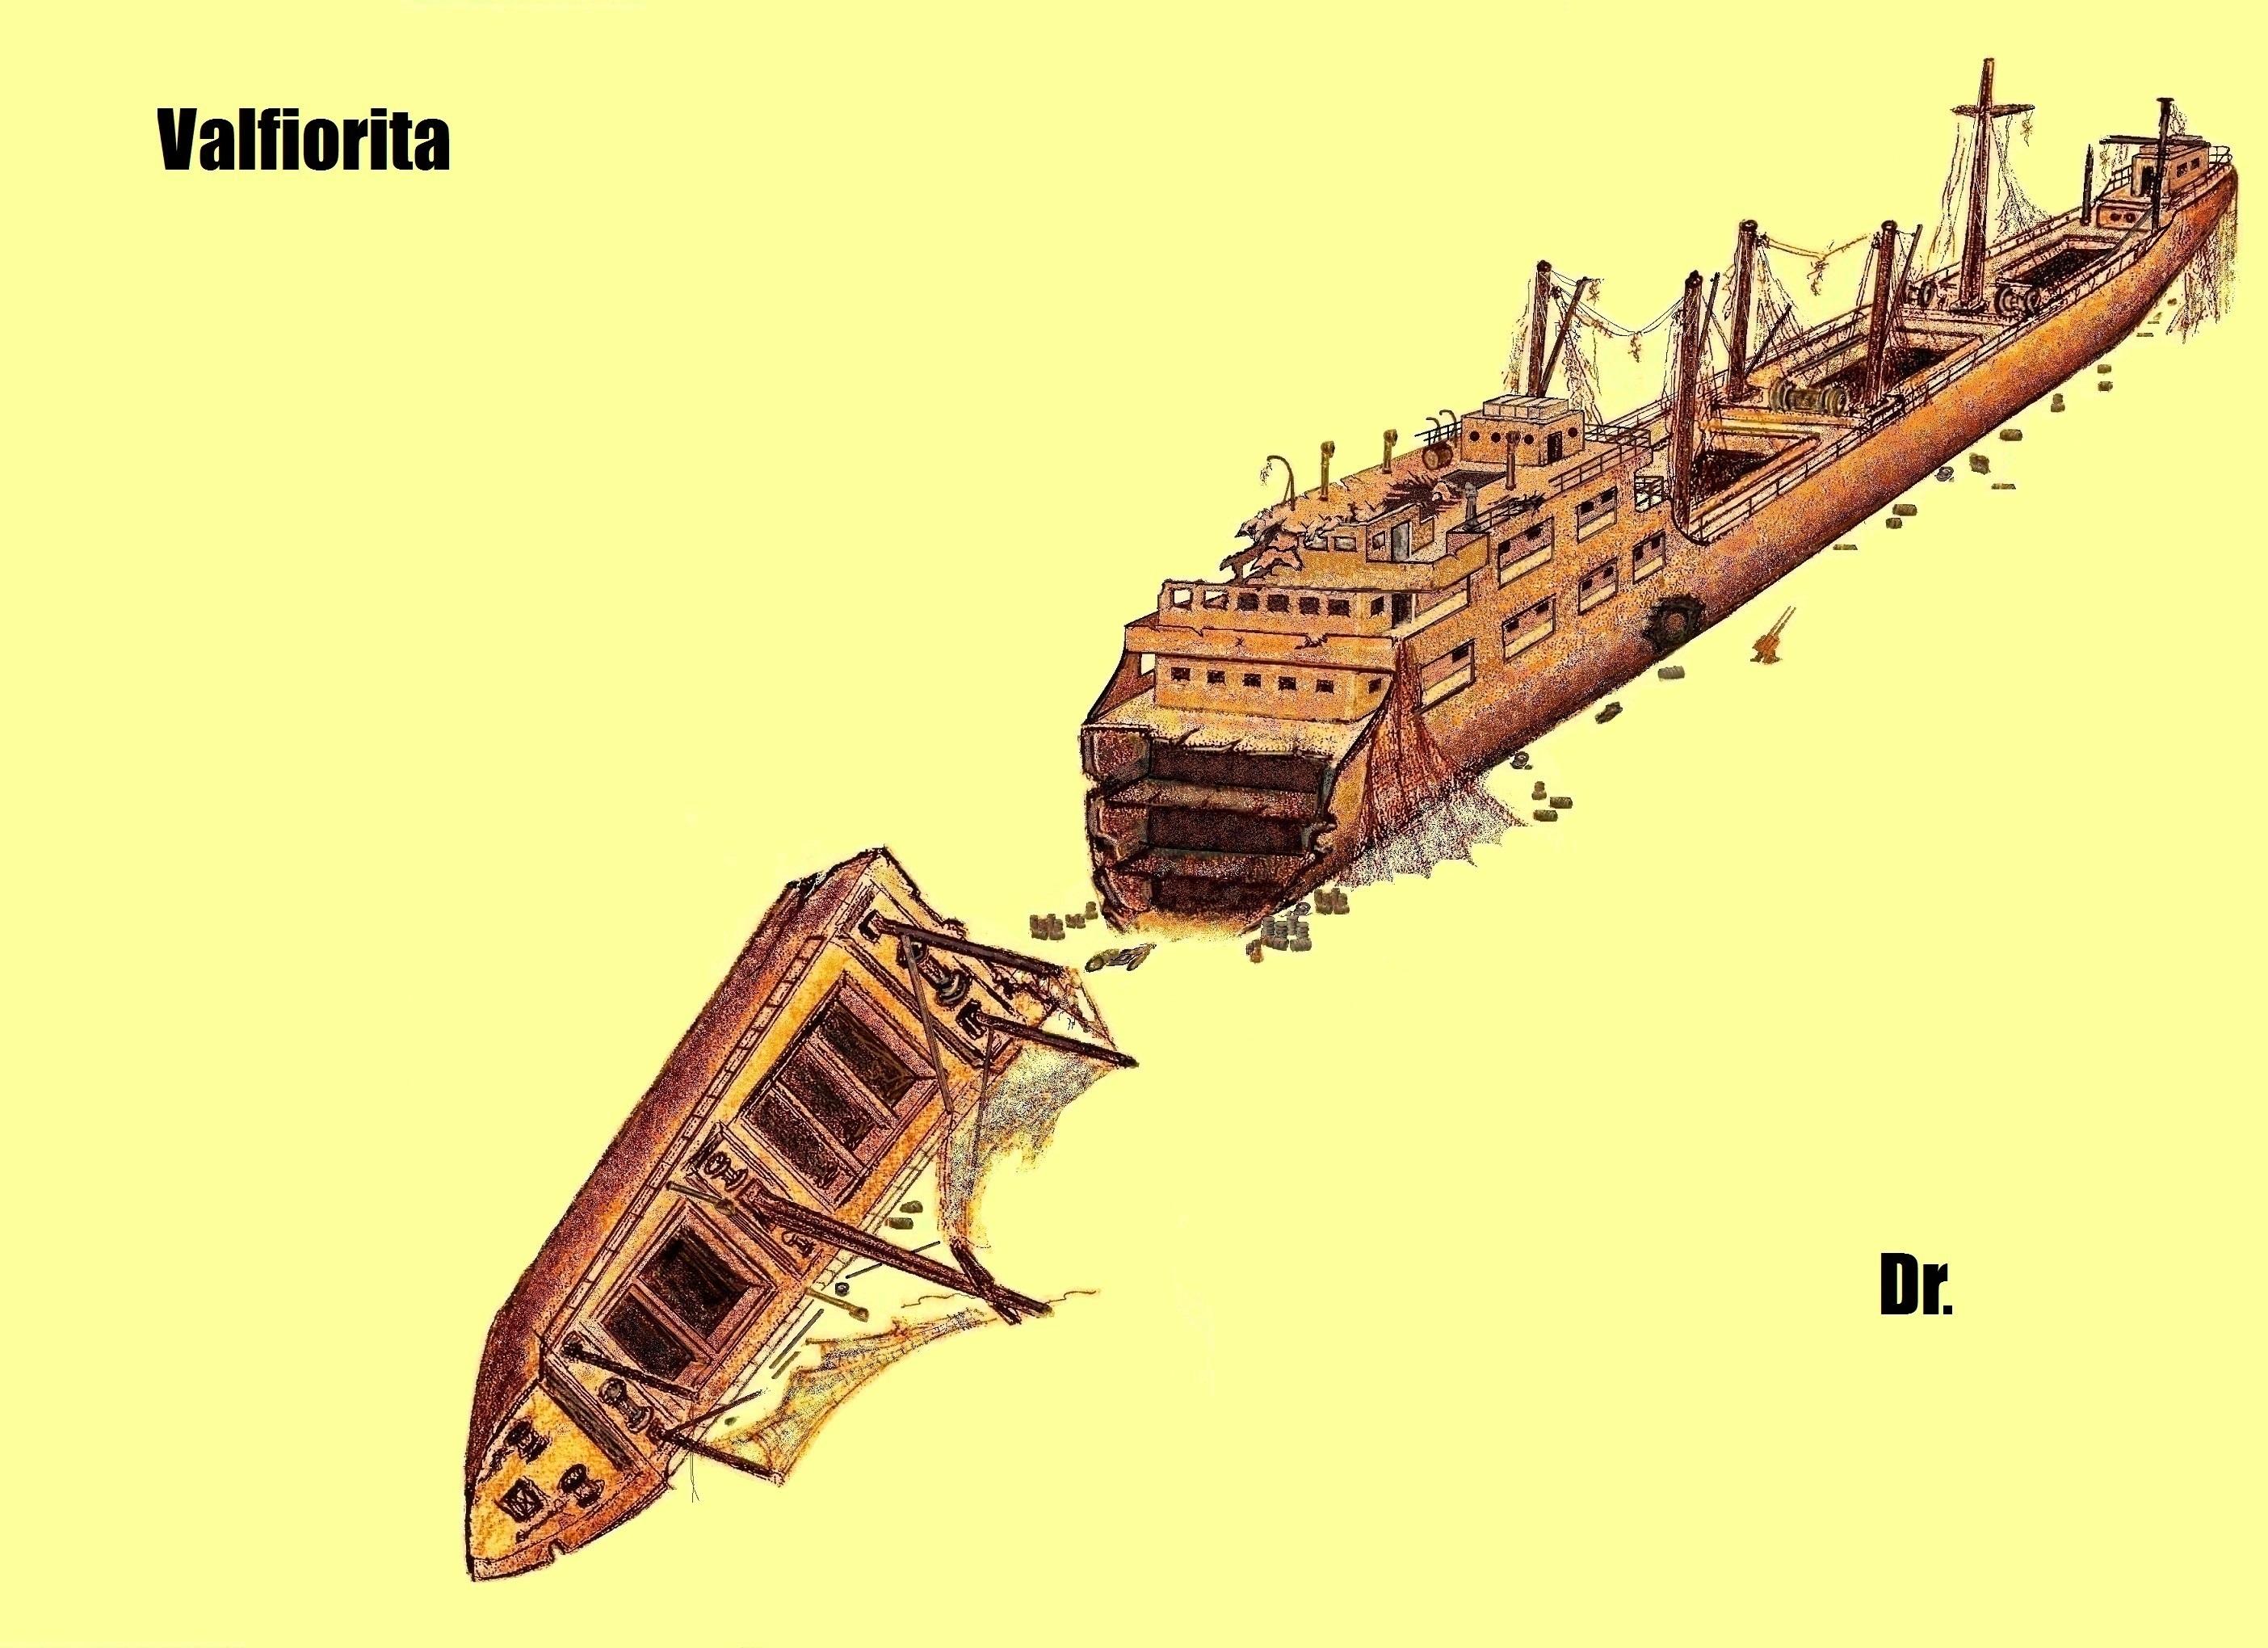 La storia della Valfiorita - parte I di Domenico Majolino e Vincenzo Striano